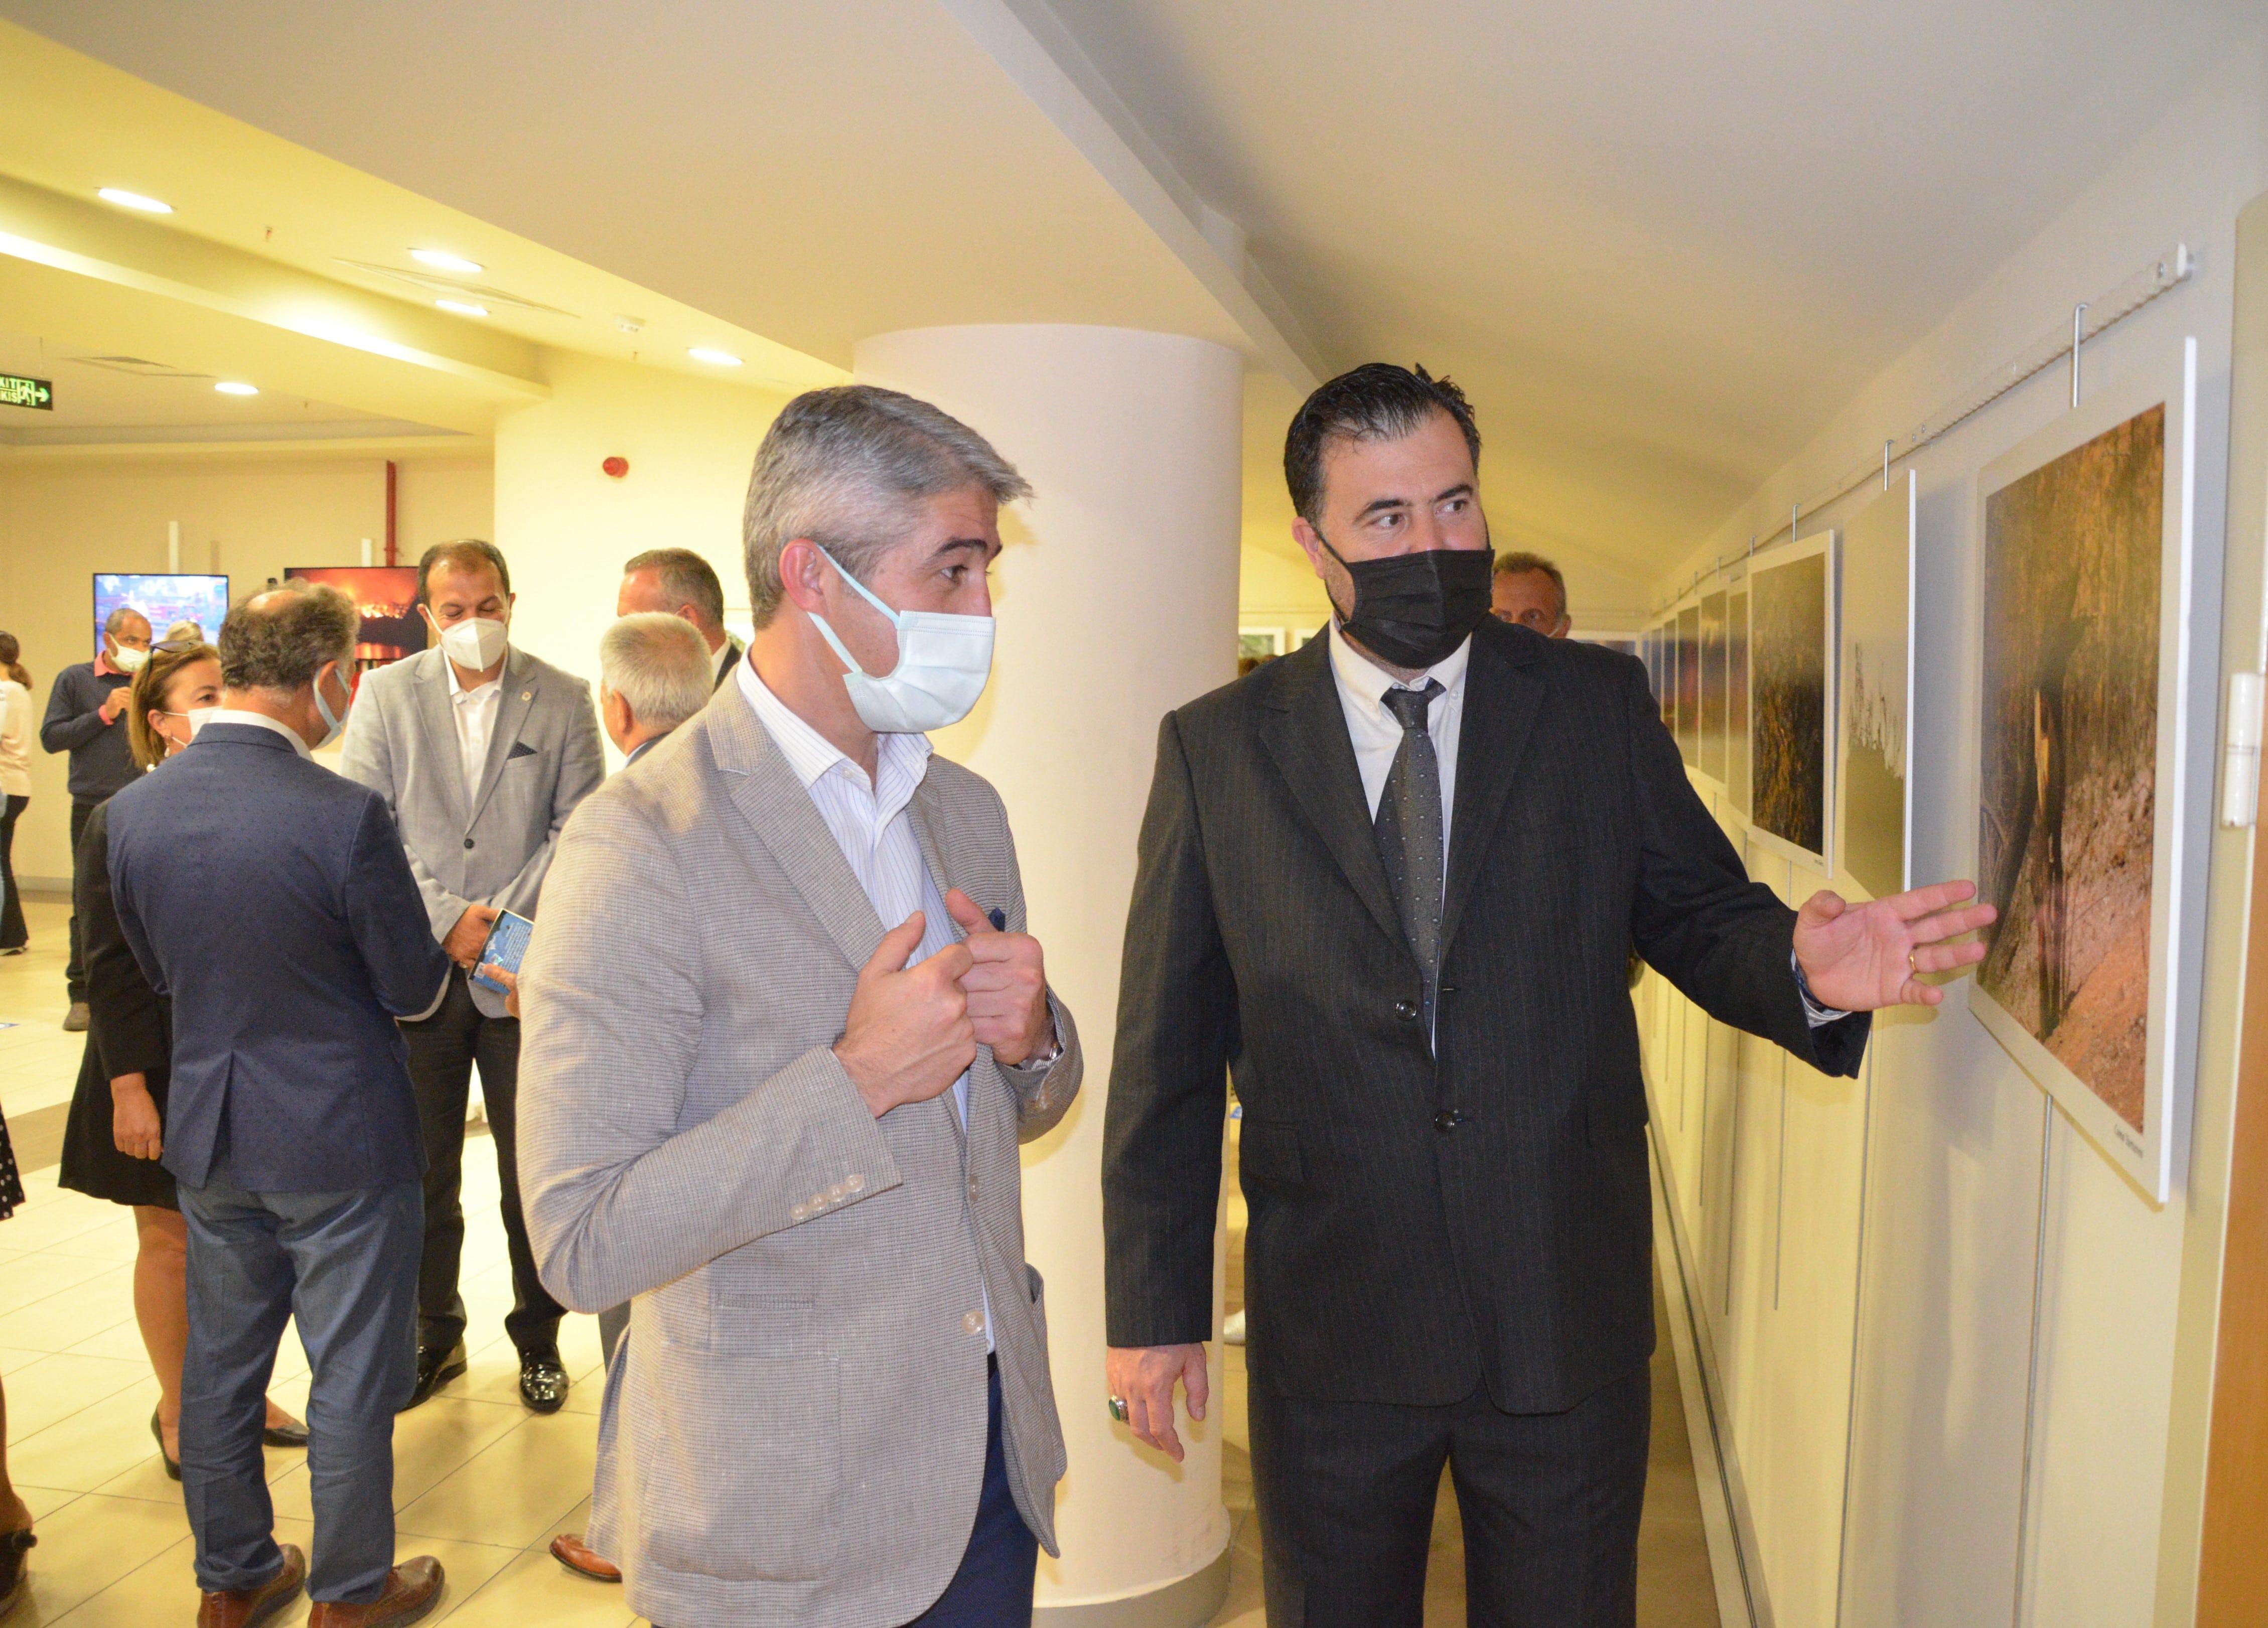 Fethiye Belediye Başkanı Behçet Saatcı Bodrum'dan sonra Muğla'yı da fethetti